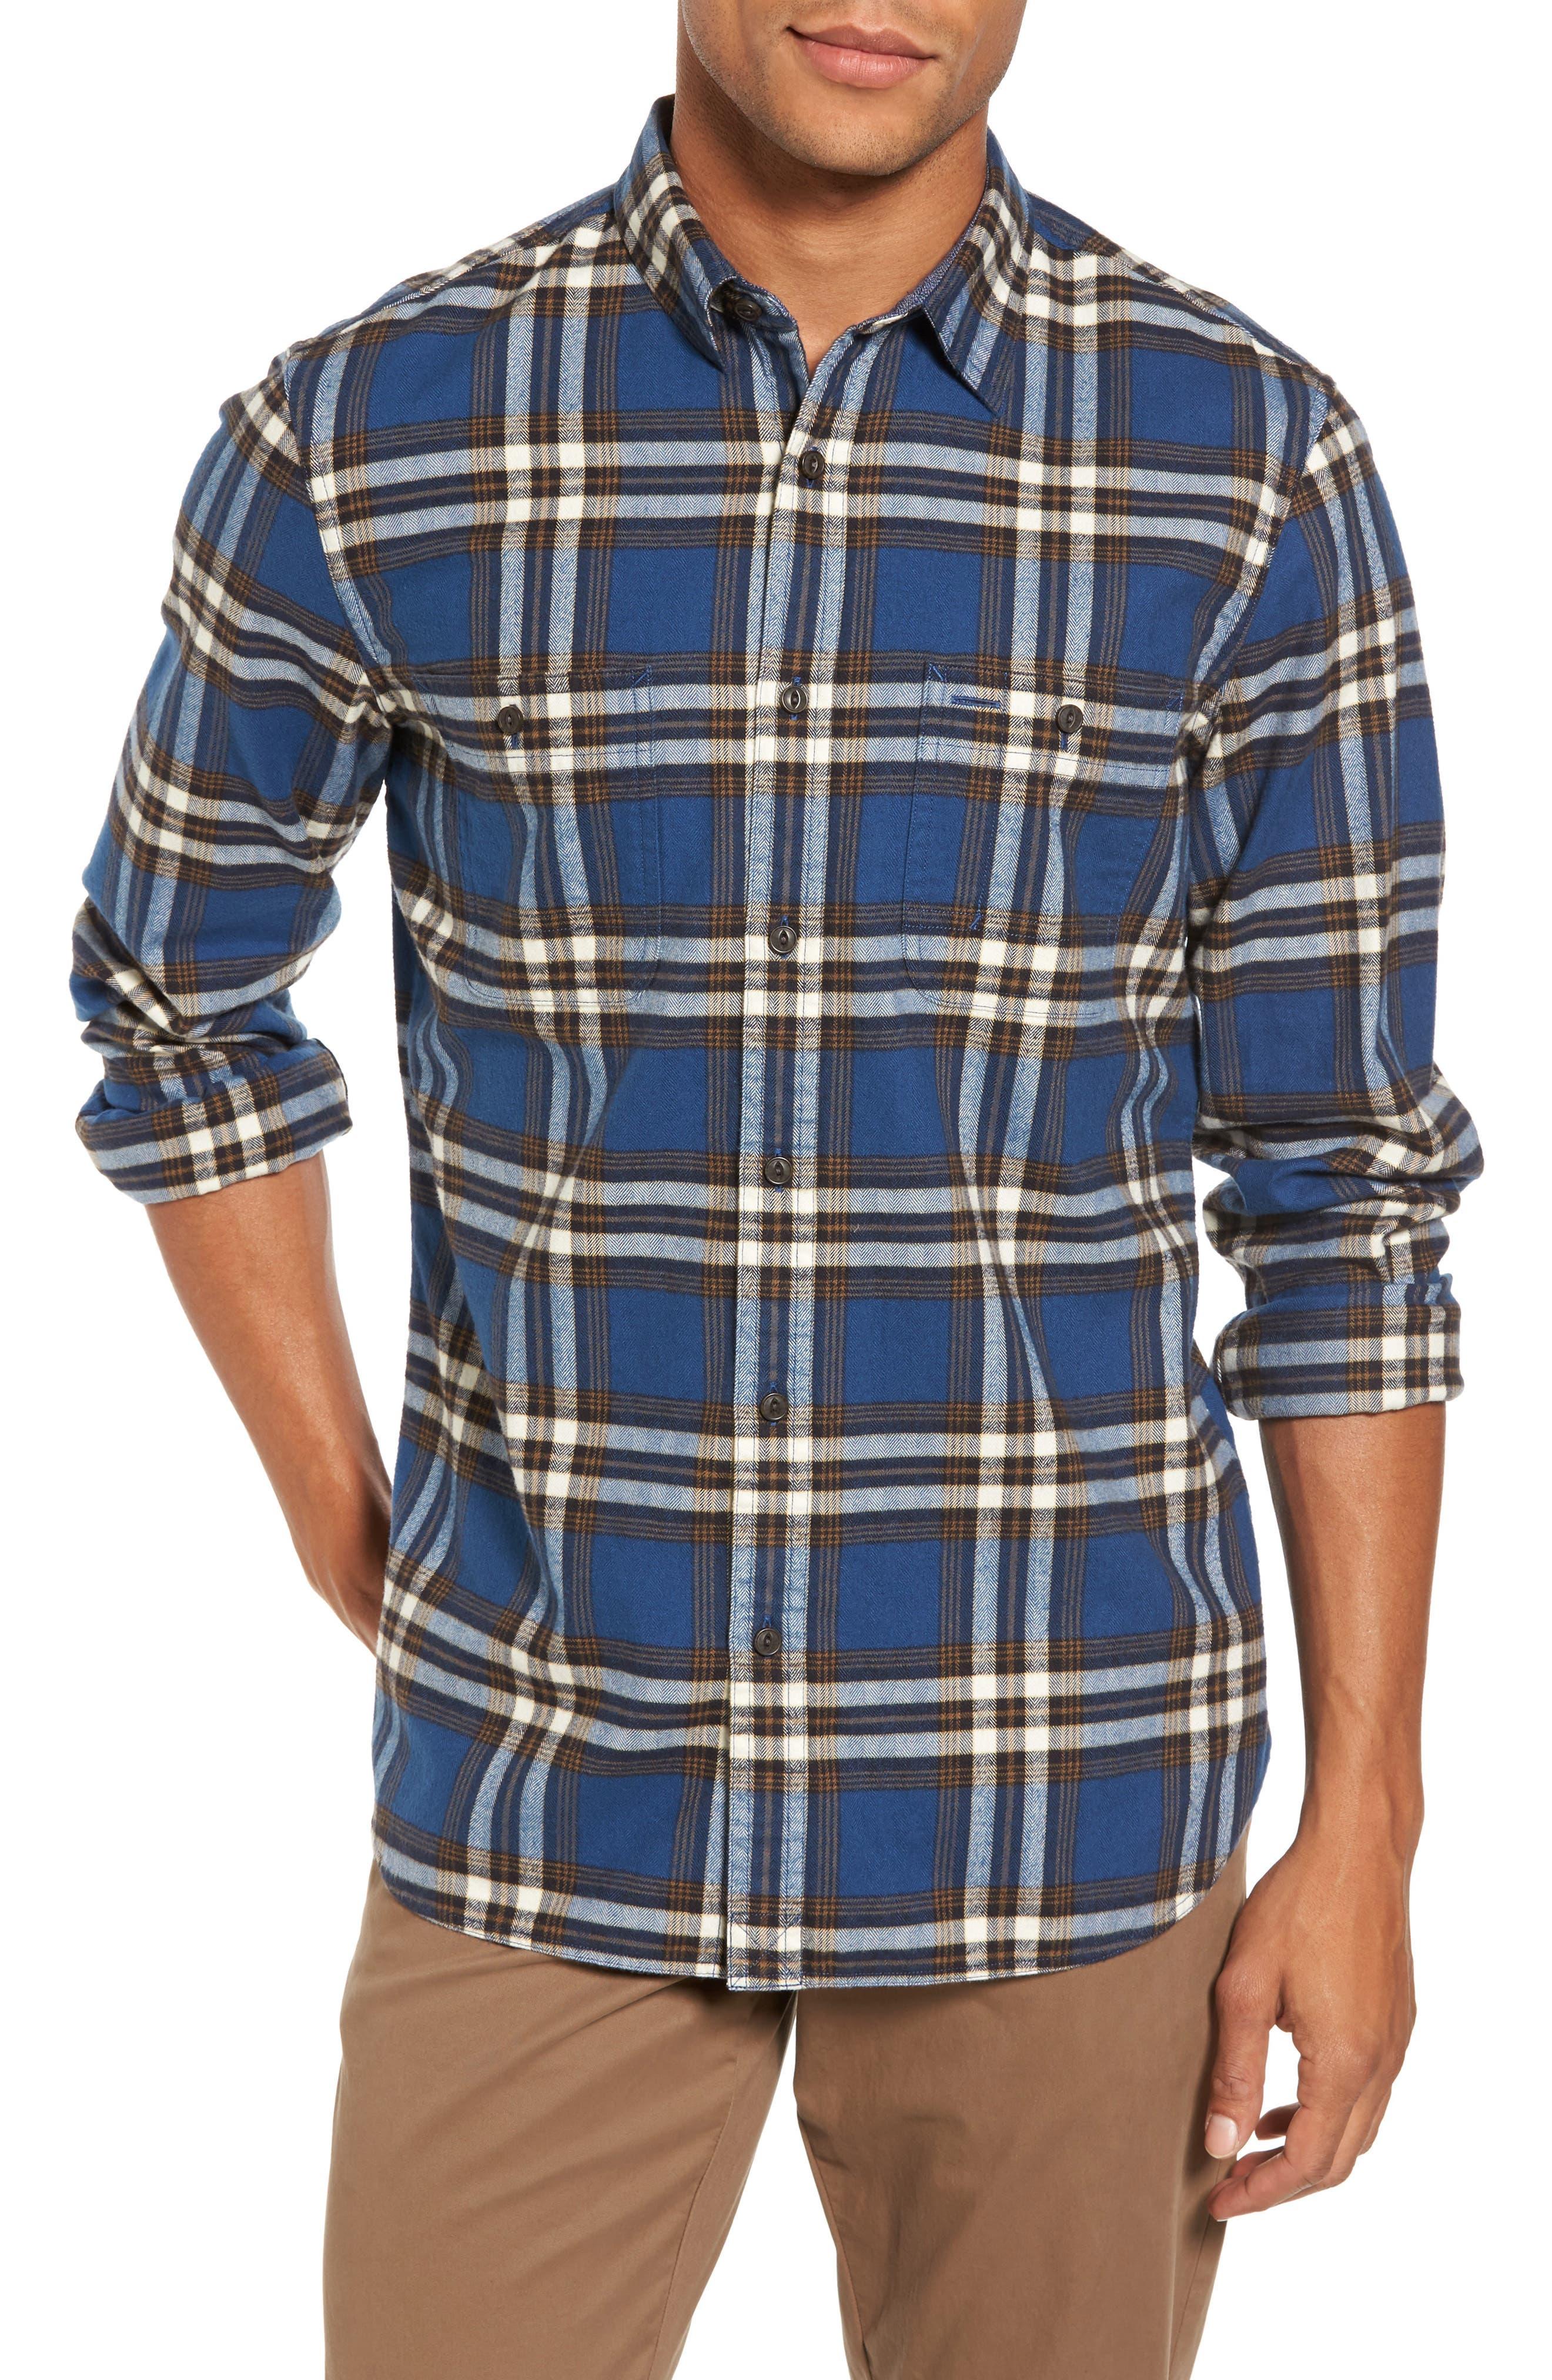 Trim Fit Workwear Check Flannel Shirt,                         Main,                         color, Blue Vintage Brown Plaid